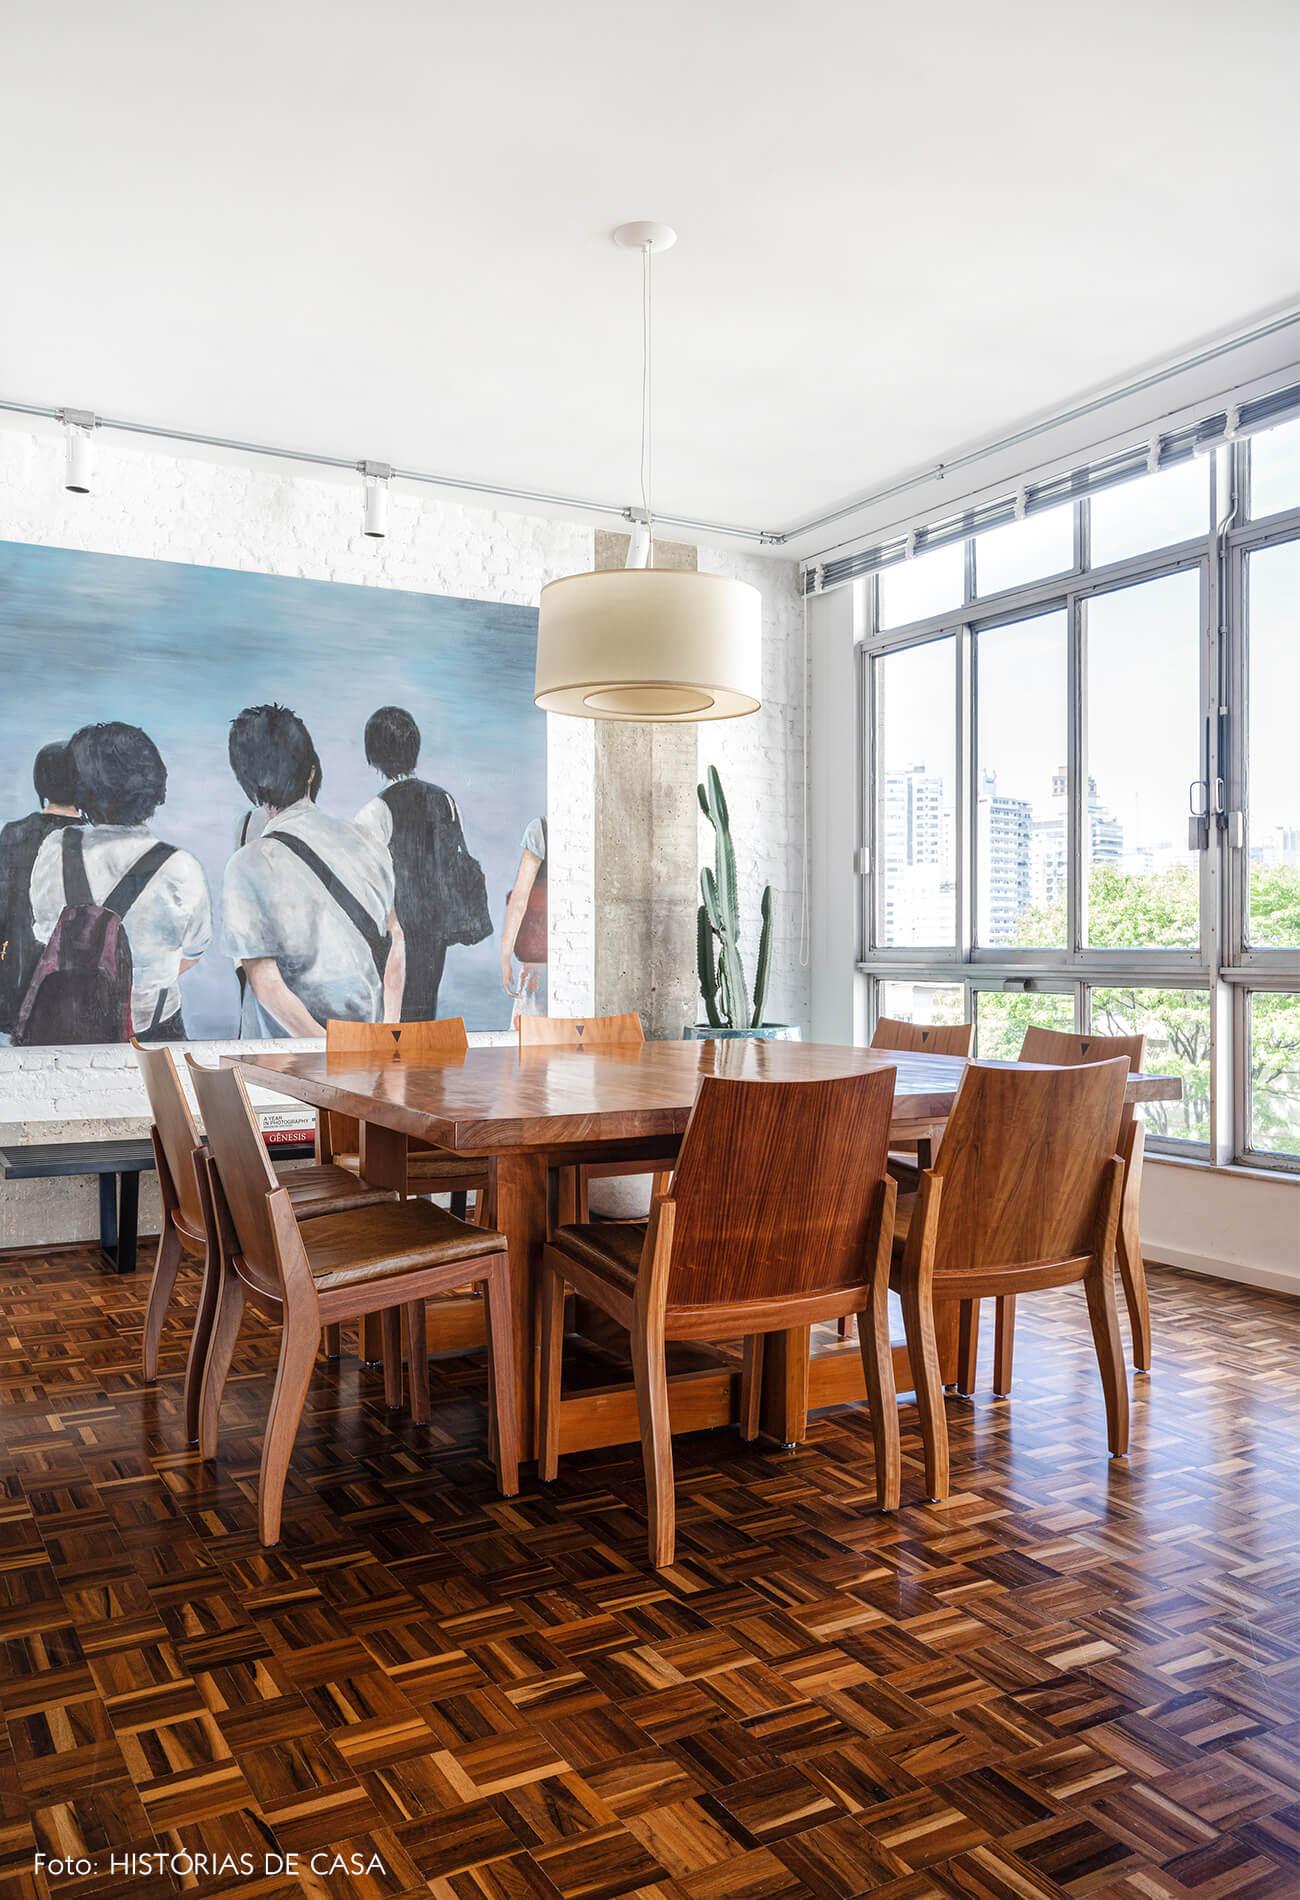 sala-jantar-com-estrutura-concreto-e-moveis-de-madeira